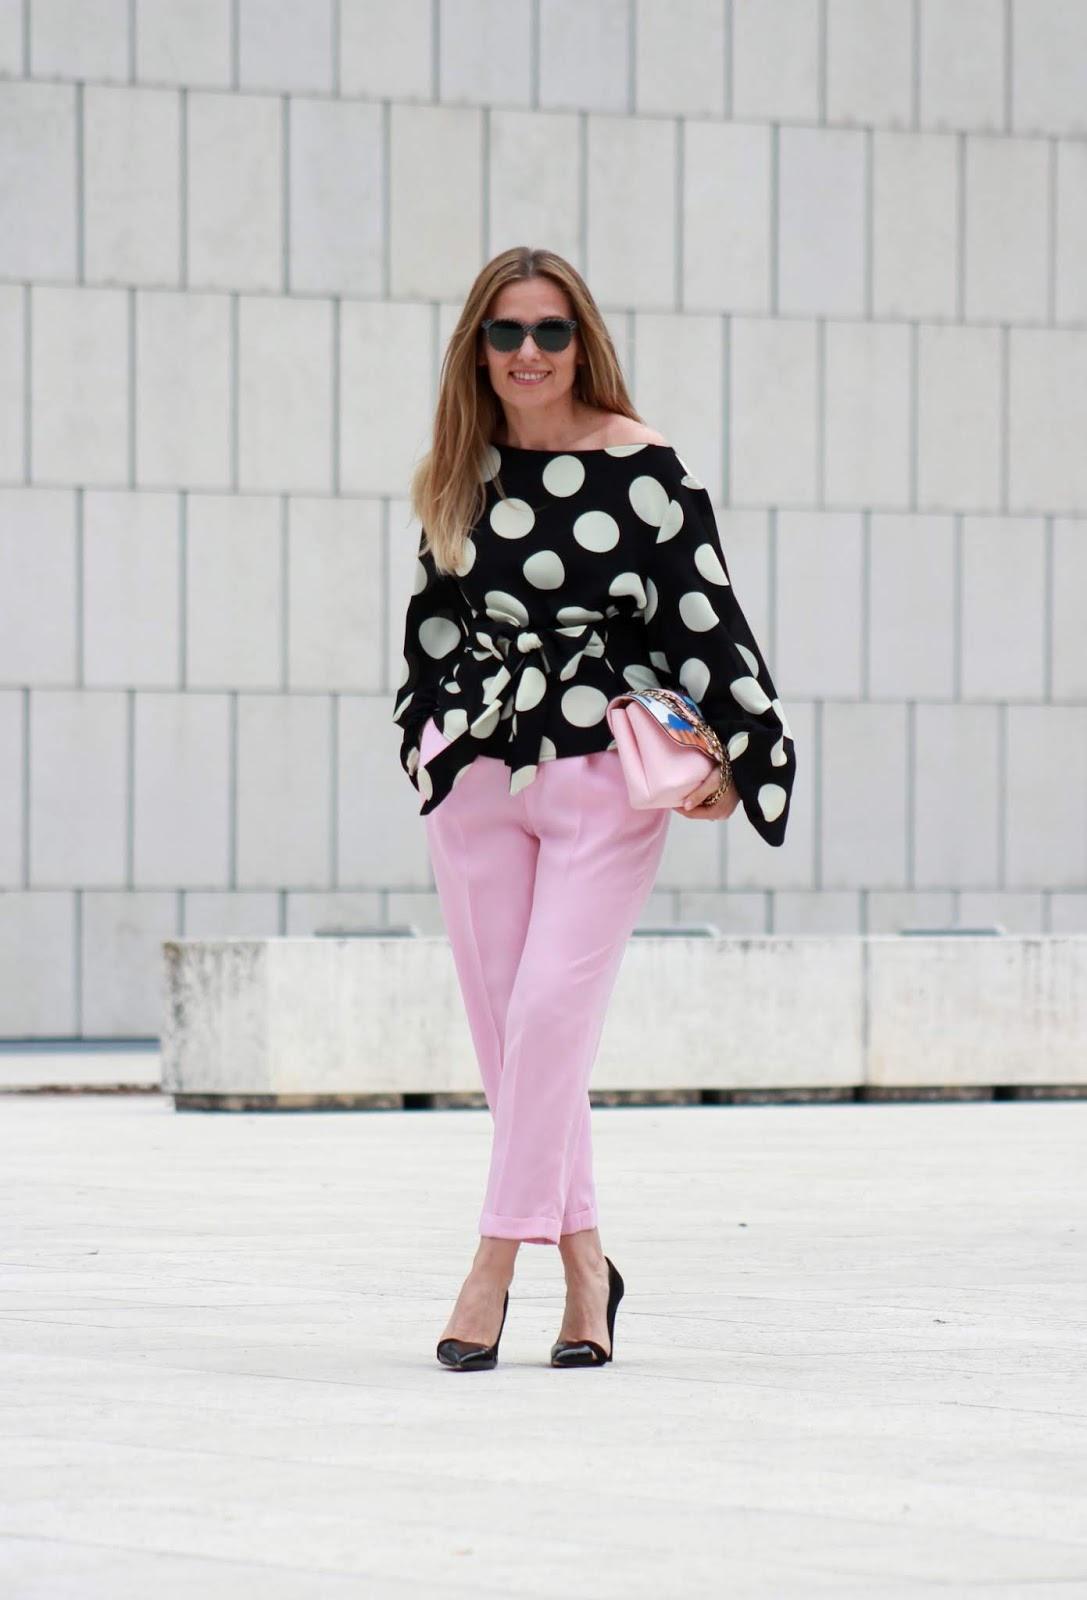 Consigli su come indossare i pois - Eniwhere Fashion